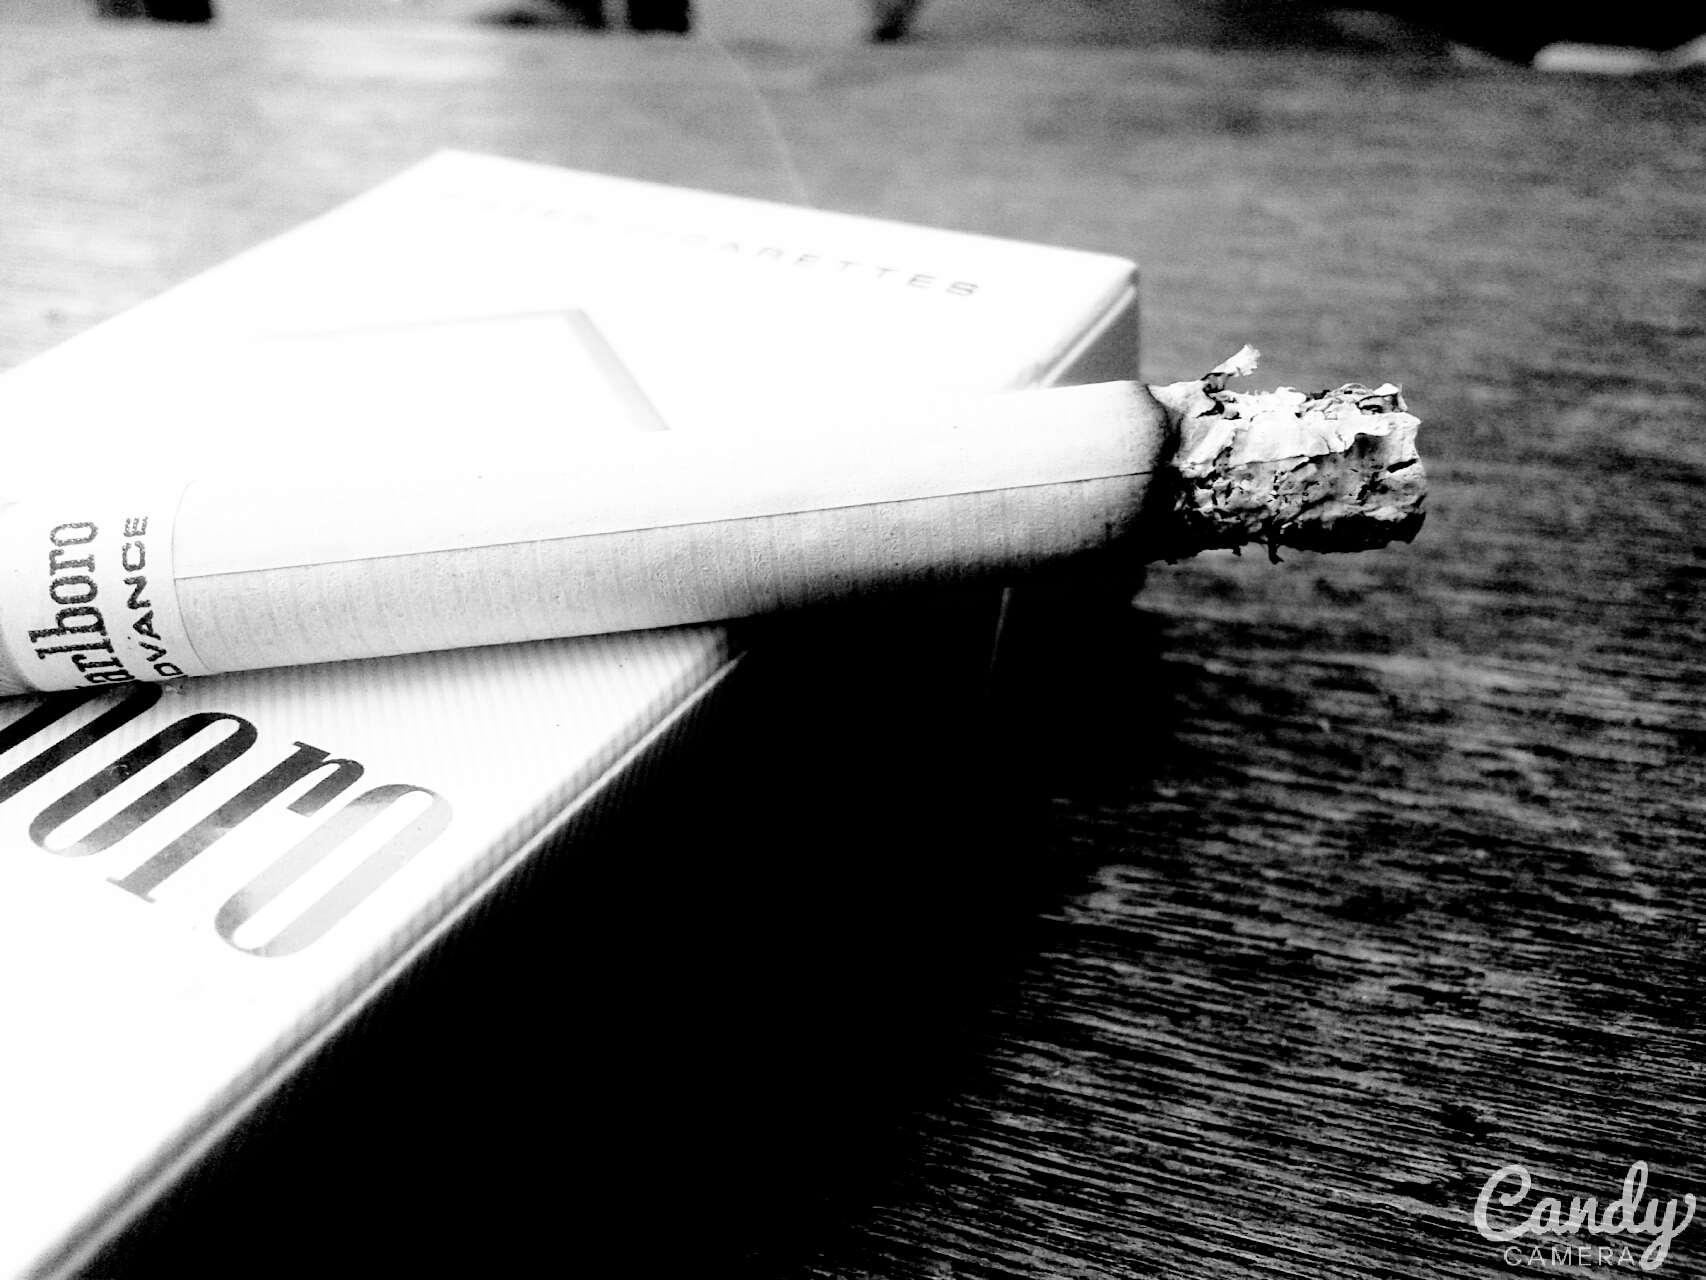 Картинки для, крутые картинки с сигаретами пачкой